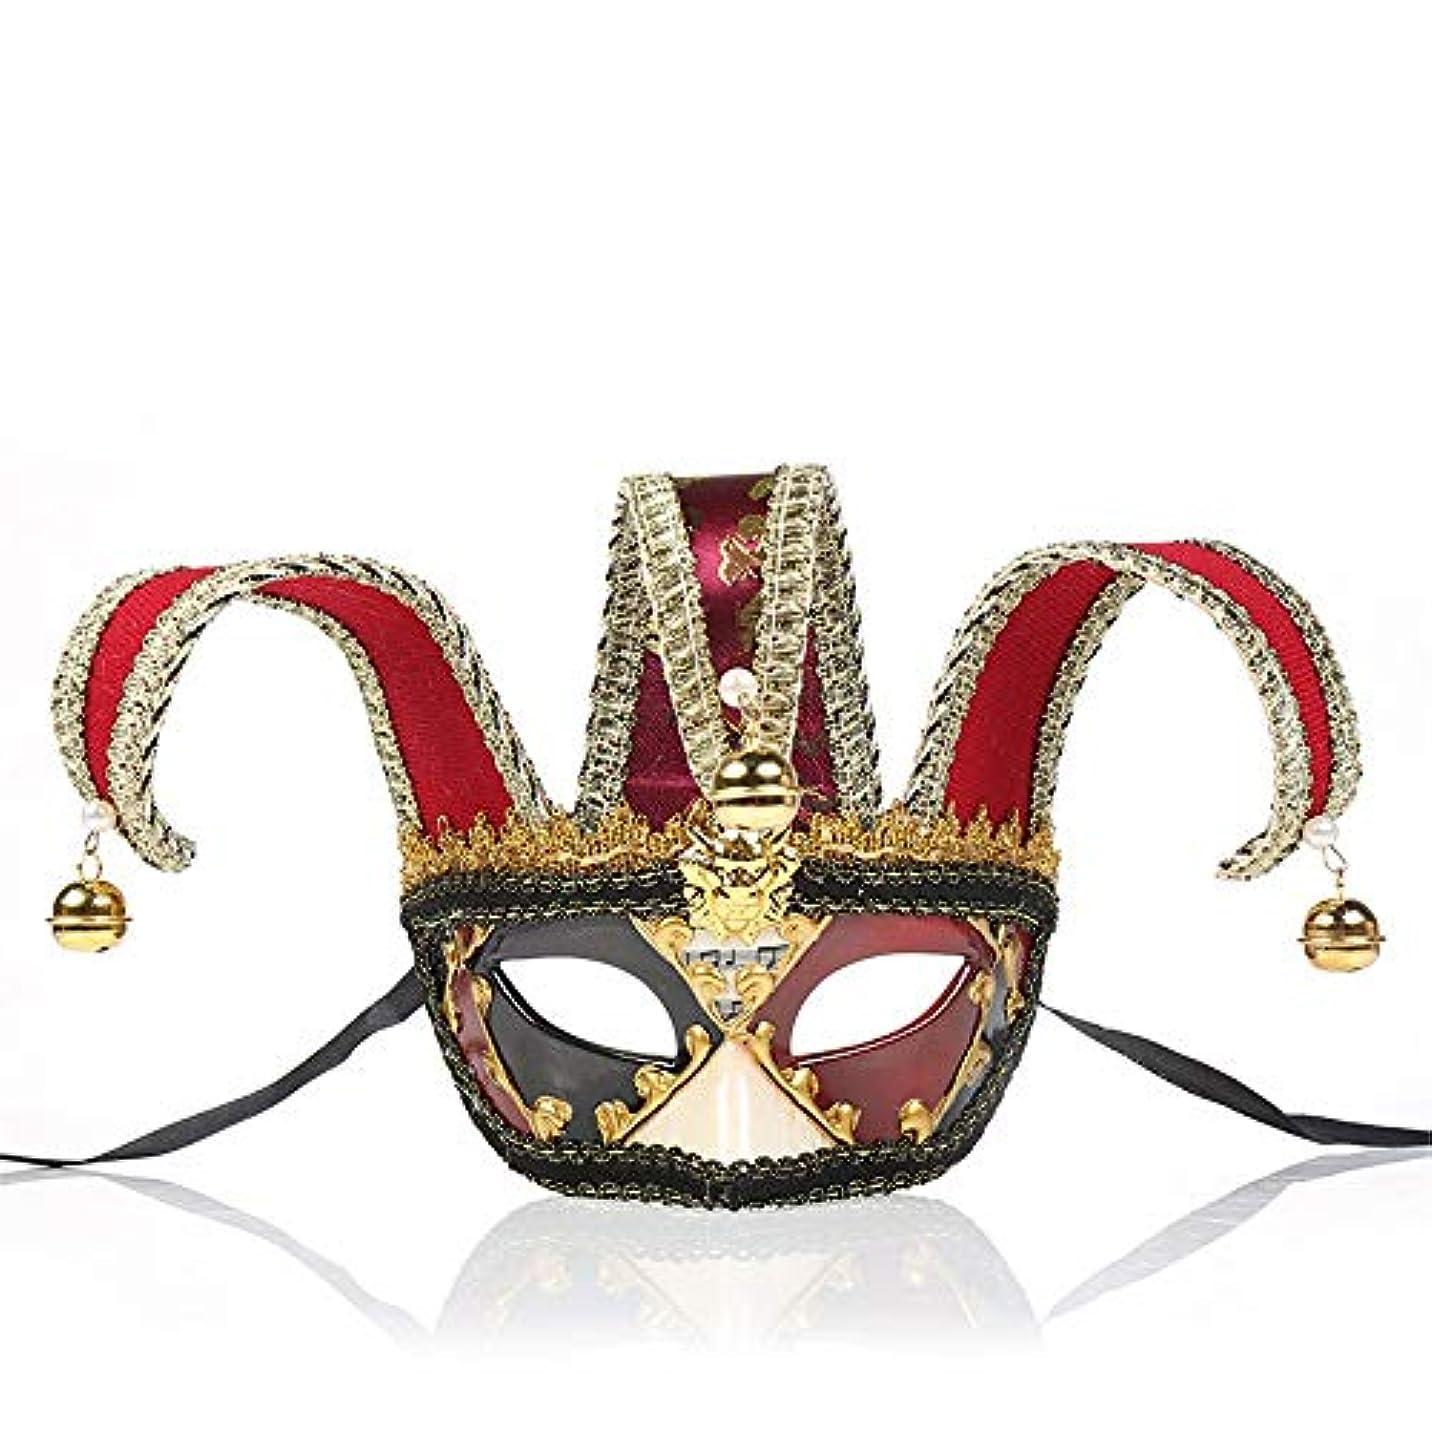 ヨーロッパ多数の完全に乾くダンスマスク 若者の少女ハロウィーンギフトレトロマスクホット販売マスカレードロールプレイング装飾 ホリデーパーティー用品 (色 : 赤, サイズ : 28x16.5cm)